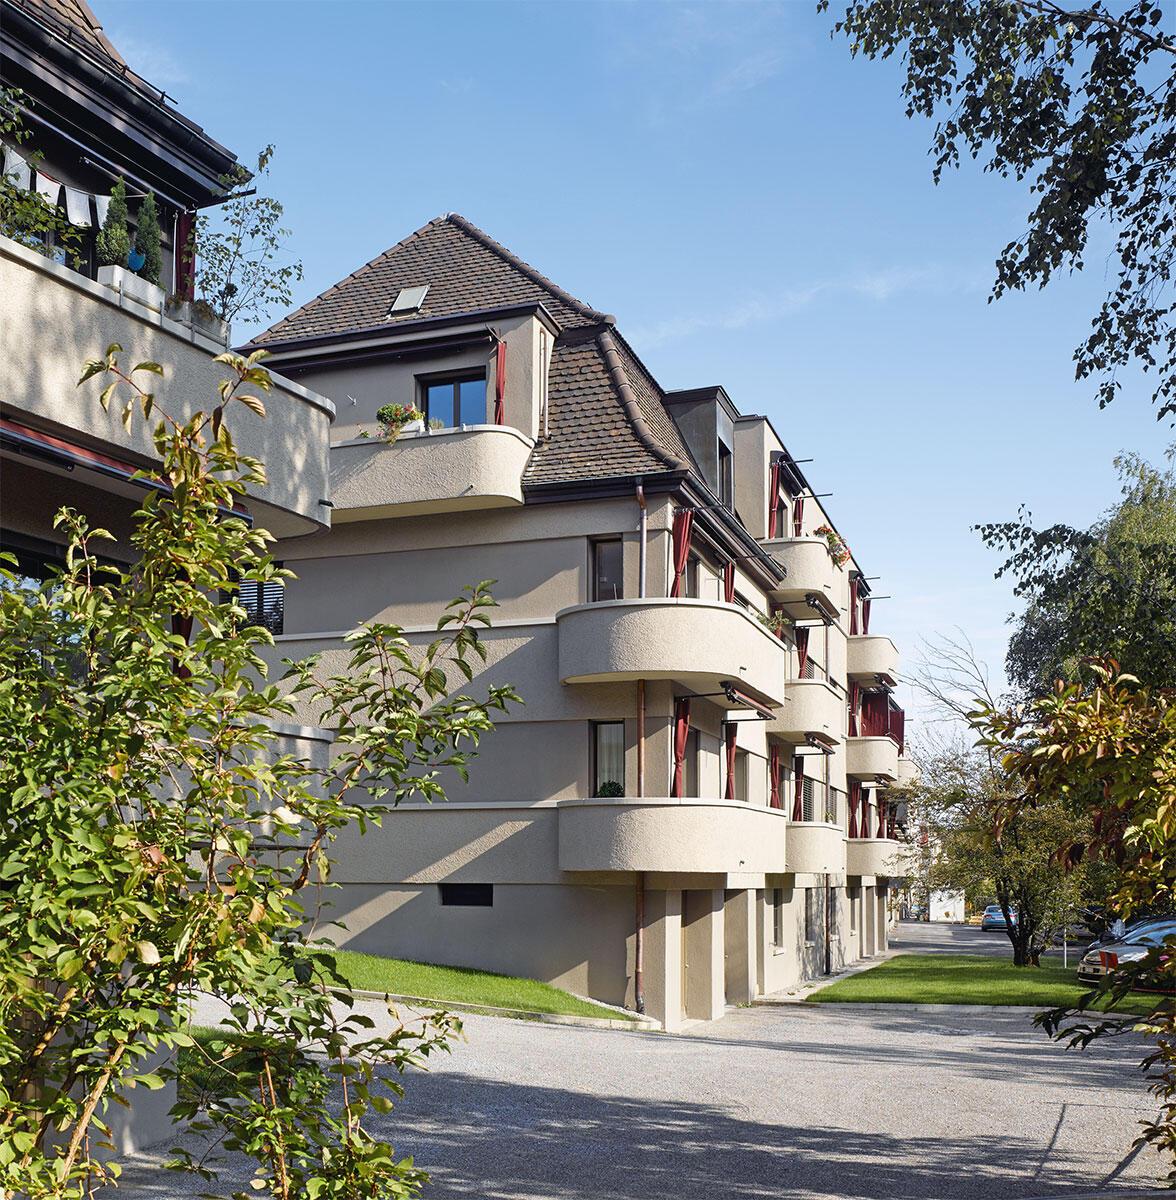 Eine behäbig-bewegte Form von Sachlichkeit prägt die Architektur der Wohnsiedlung Vrenelisgärtli. Höchstens auf den zweiten Blick ist erkennbar, dass die Fassade neu gedämmt wurde. Bild: Hannes Henz